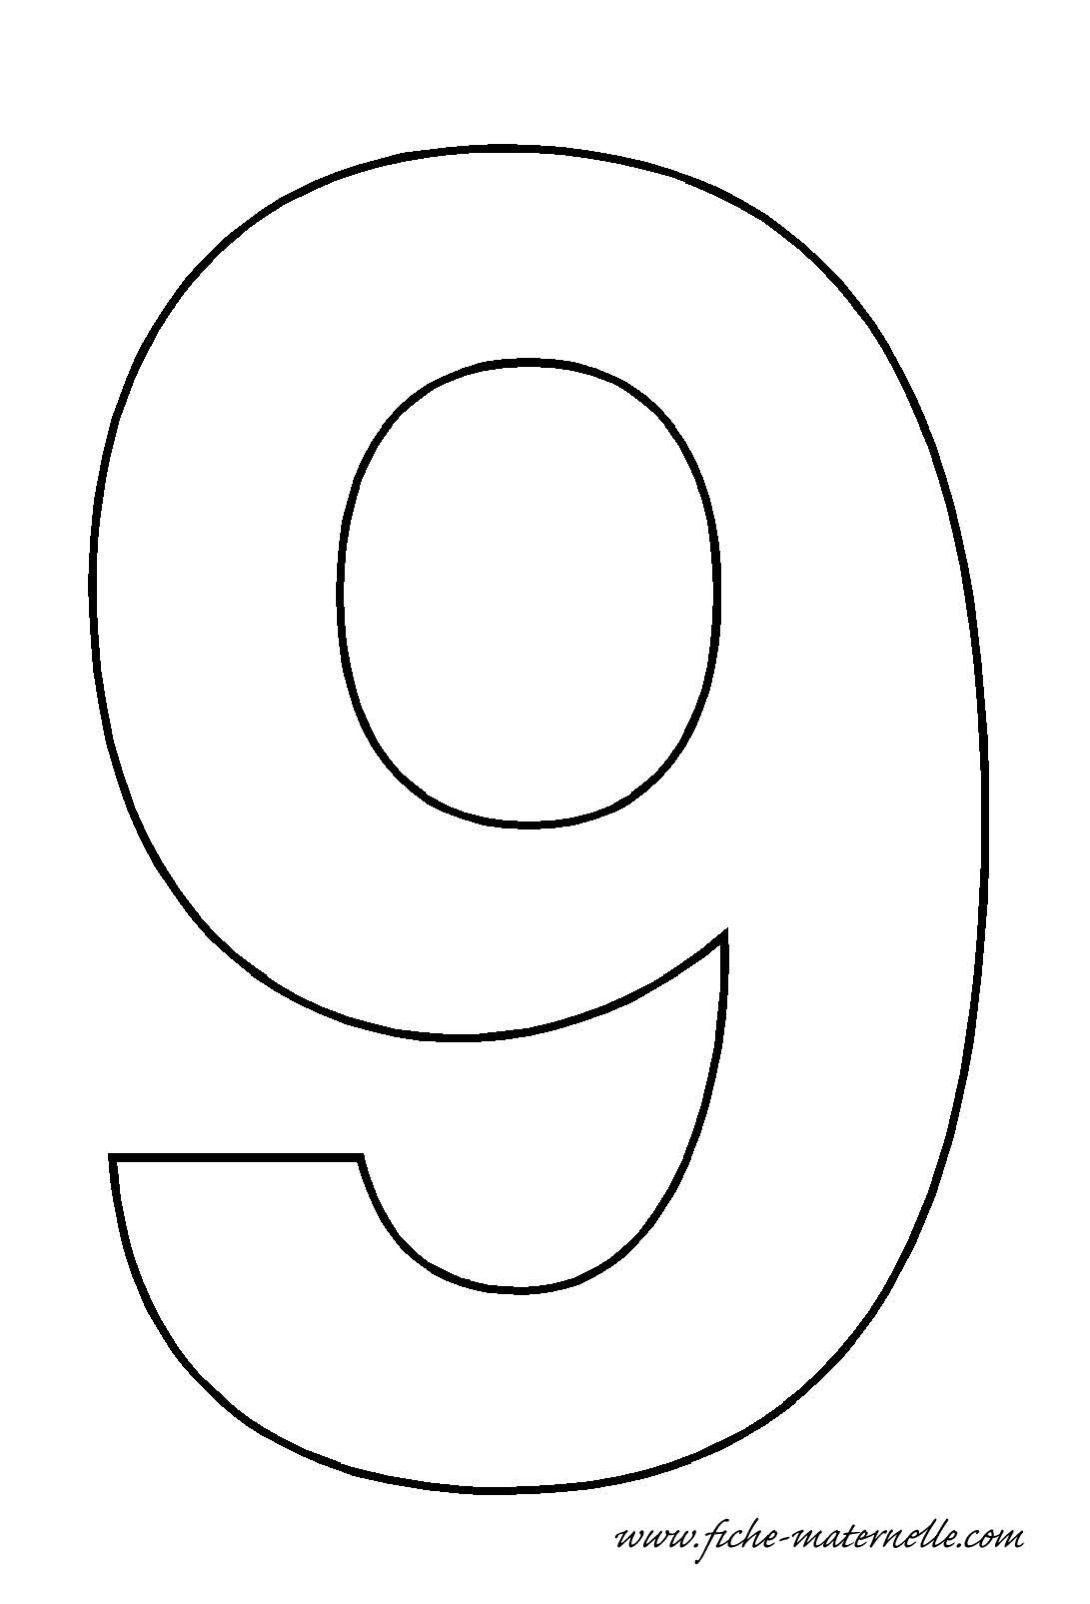 Pin Van Jose Overtoom Op Cijfers En Getallen